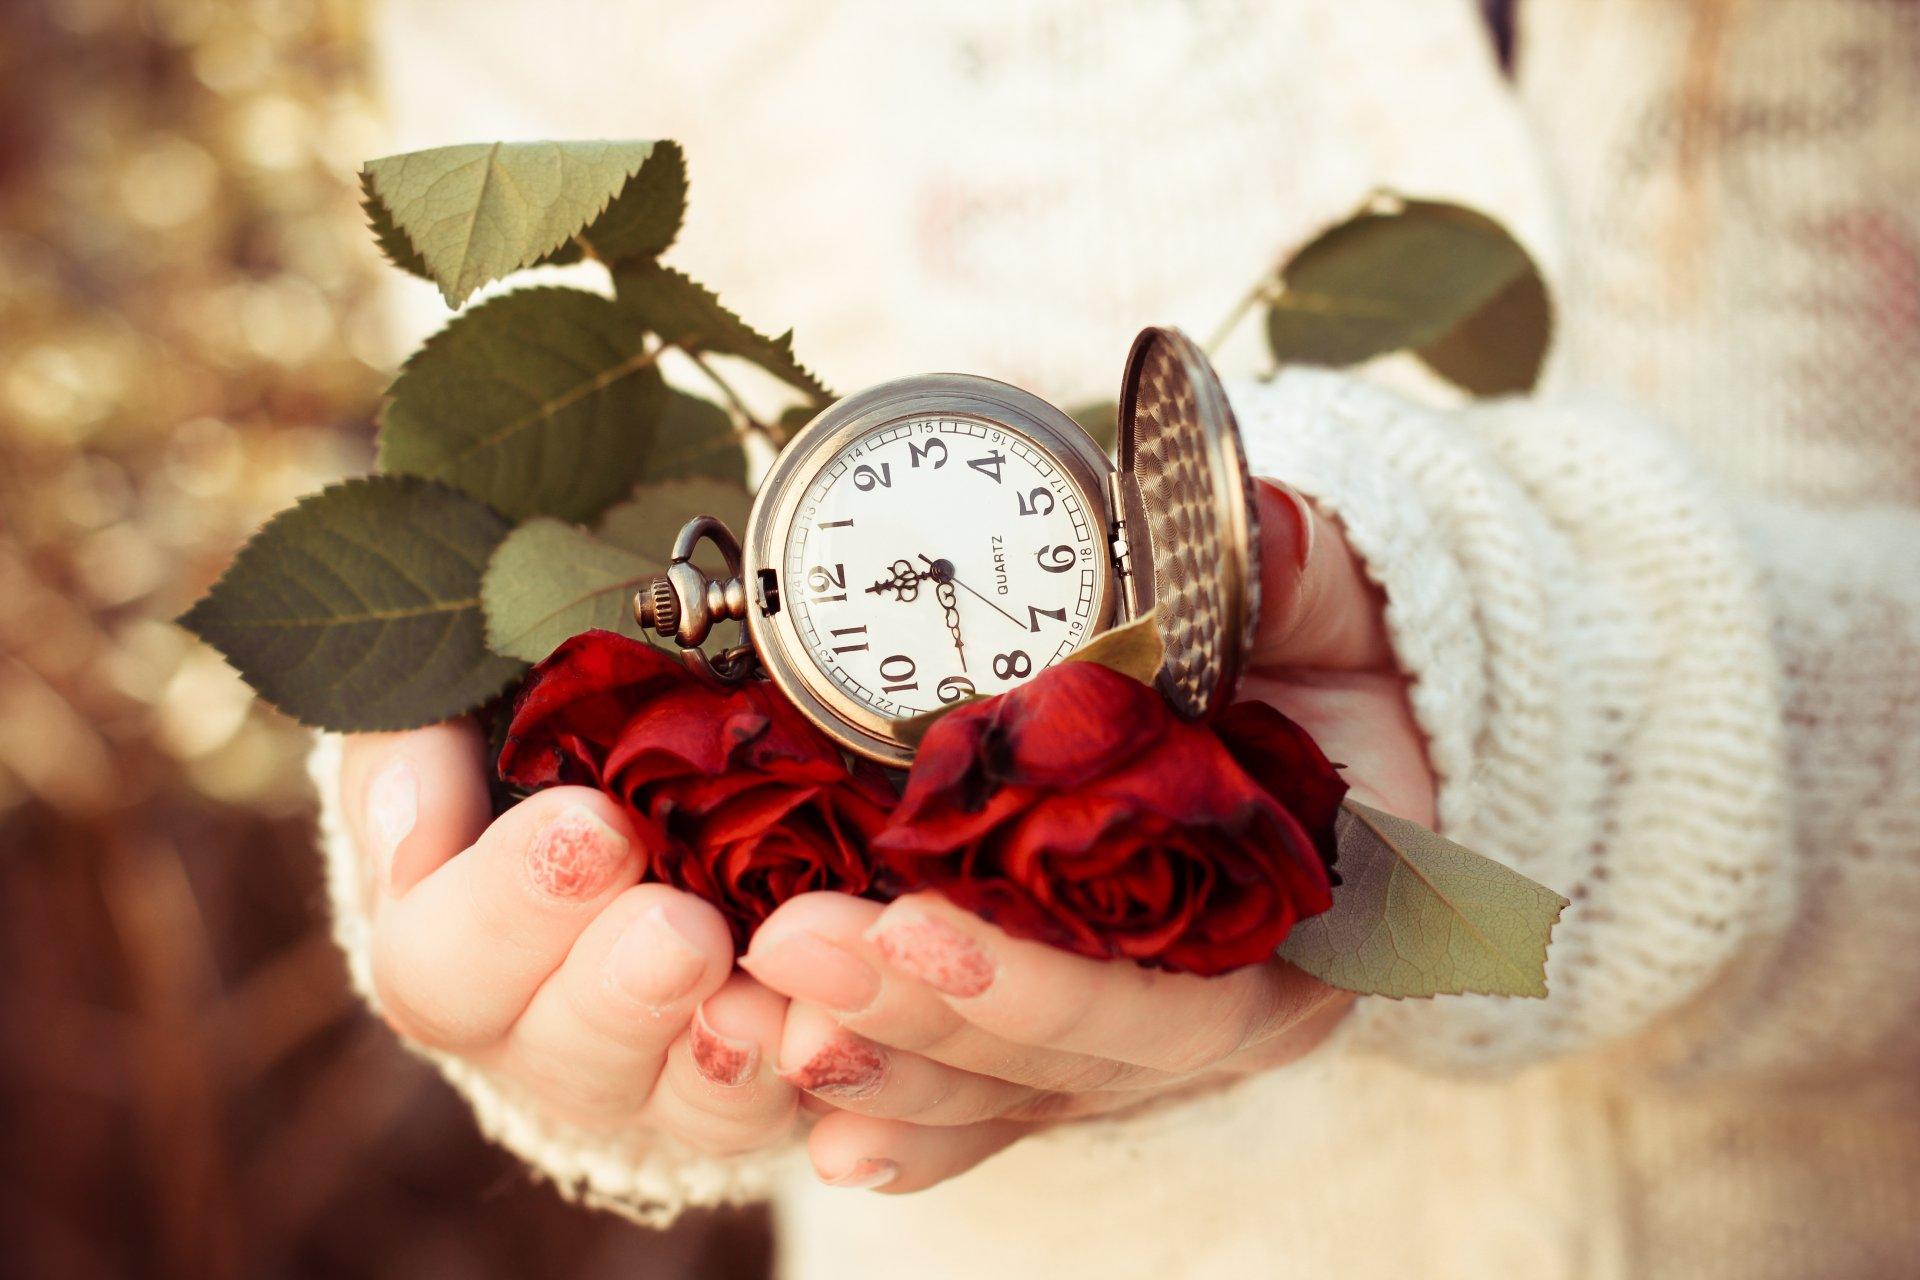 Вернуть часы в подарок